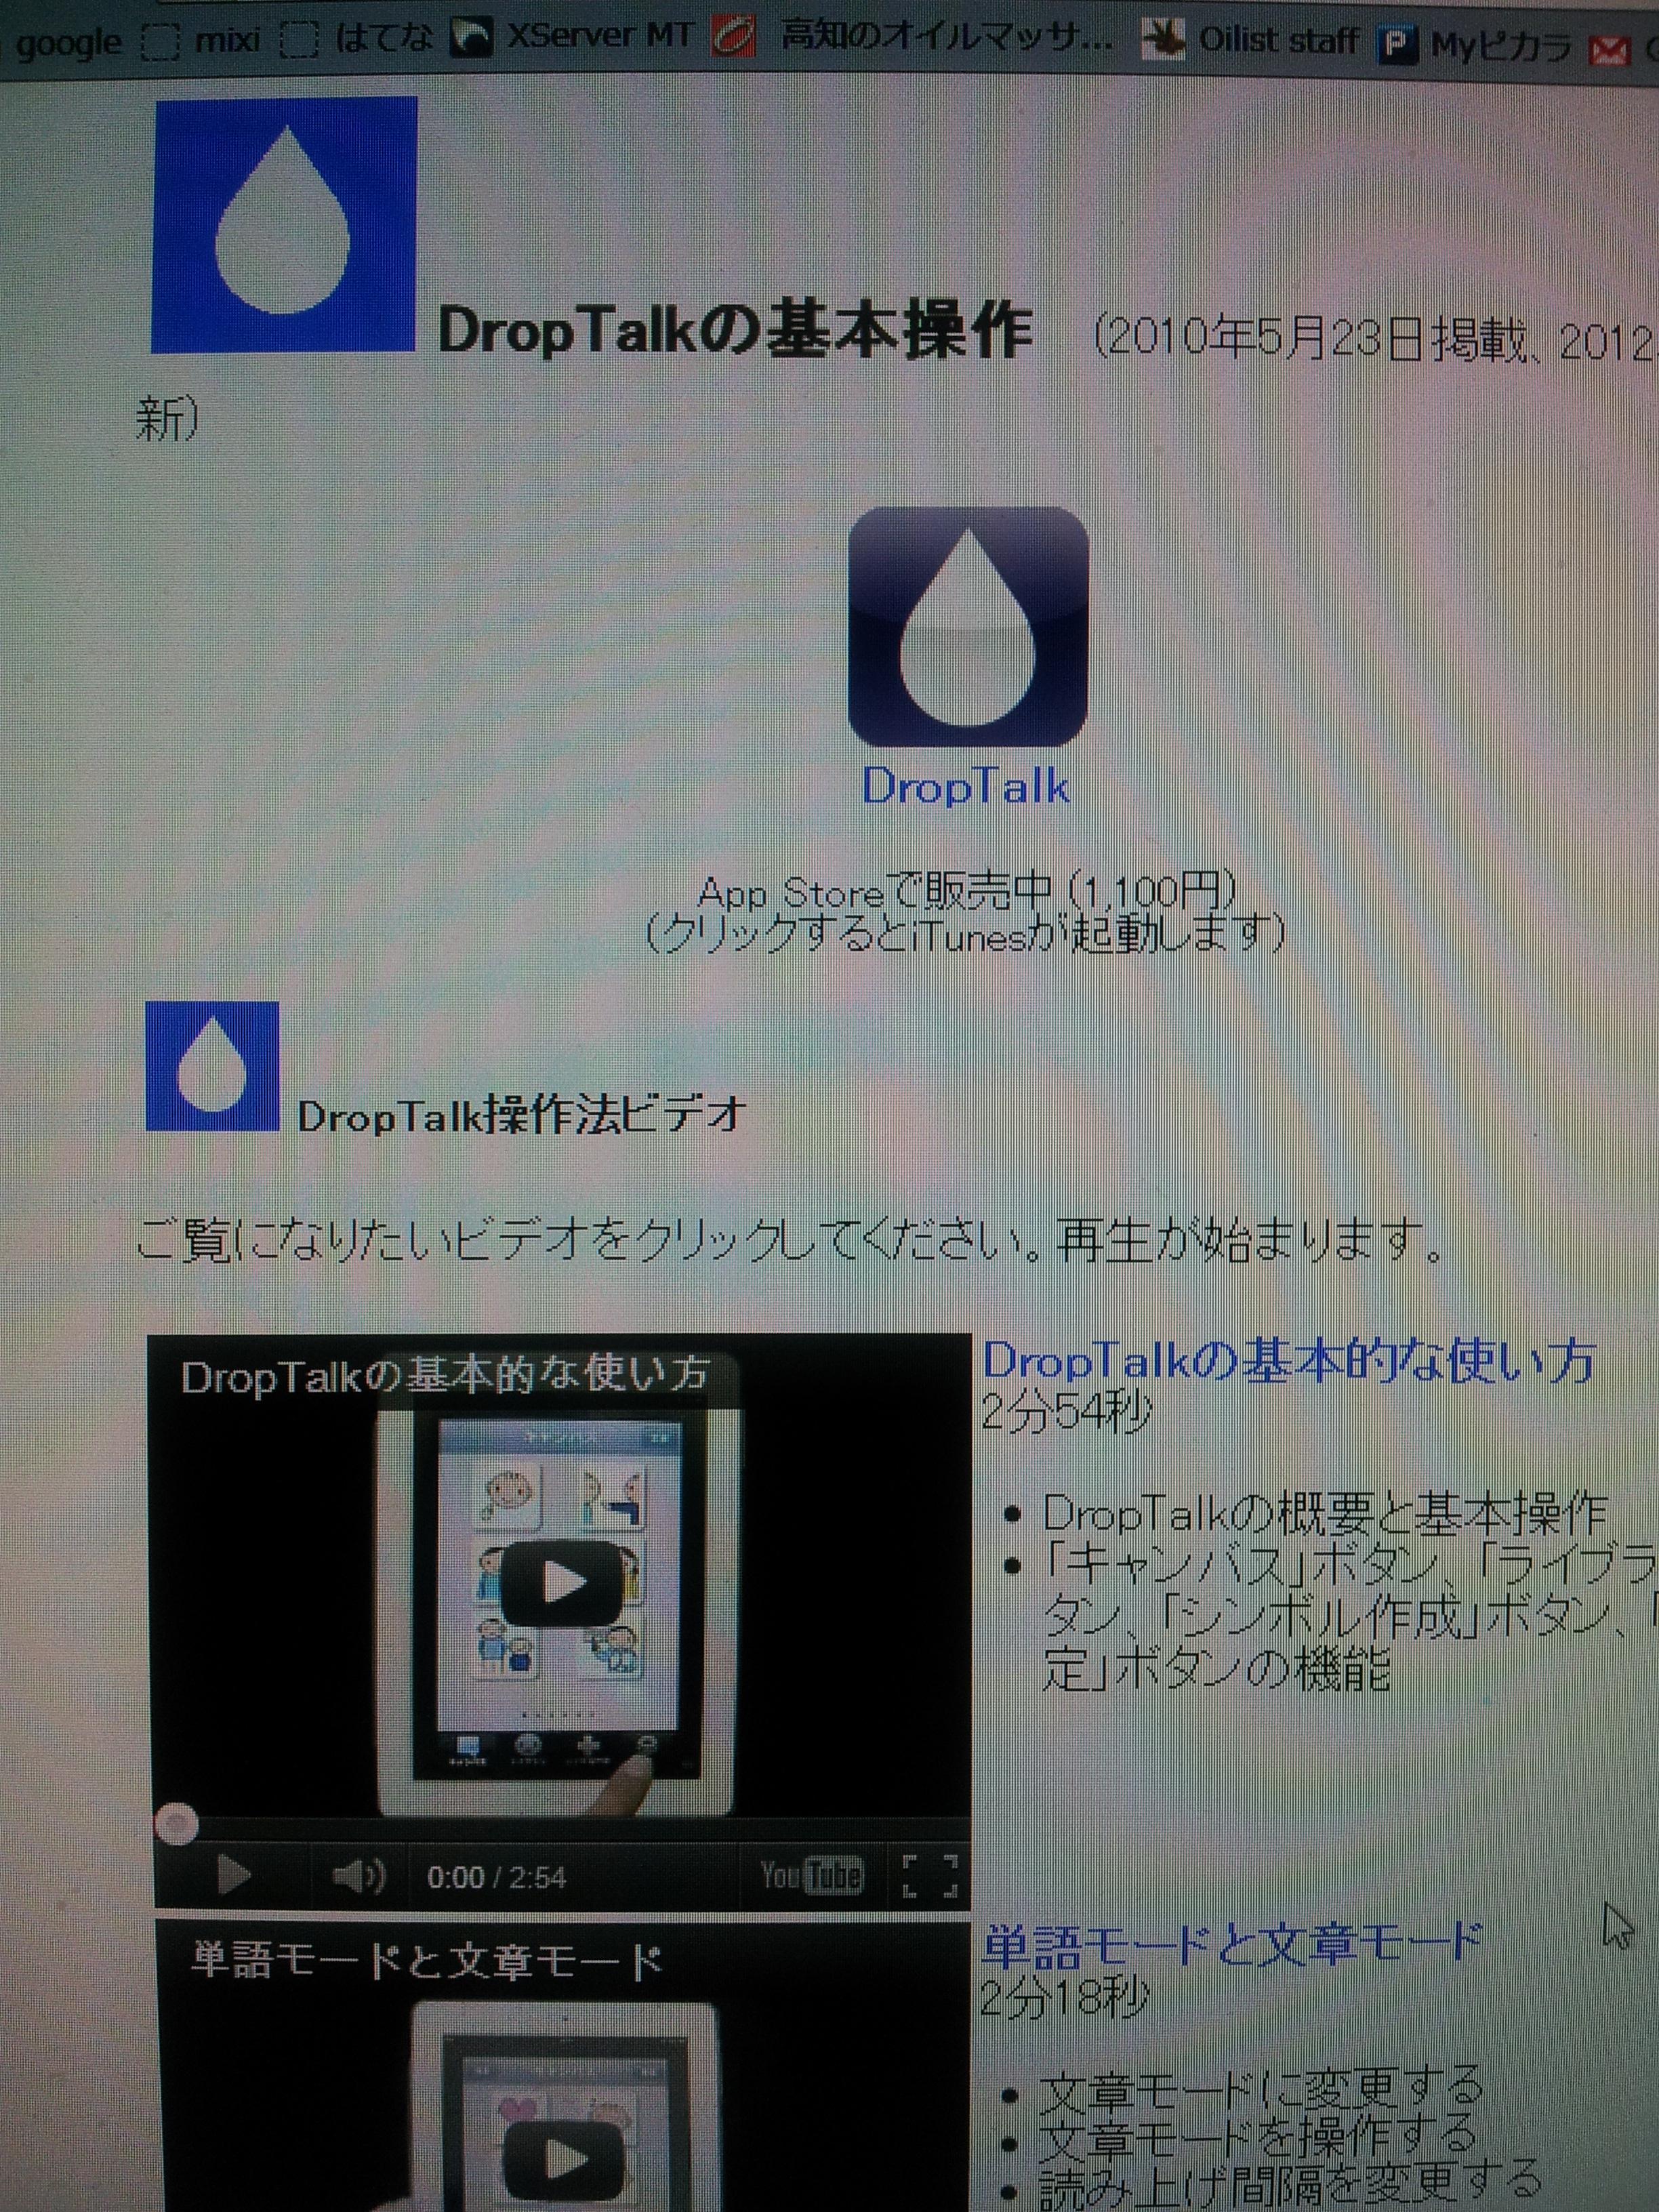 2012-04-18 23.24.52.jpg